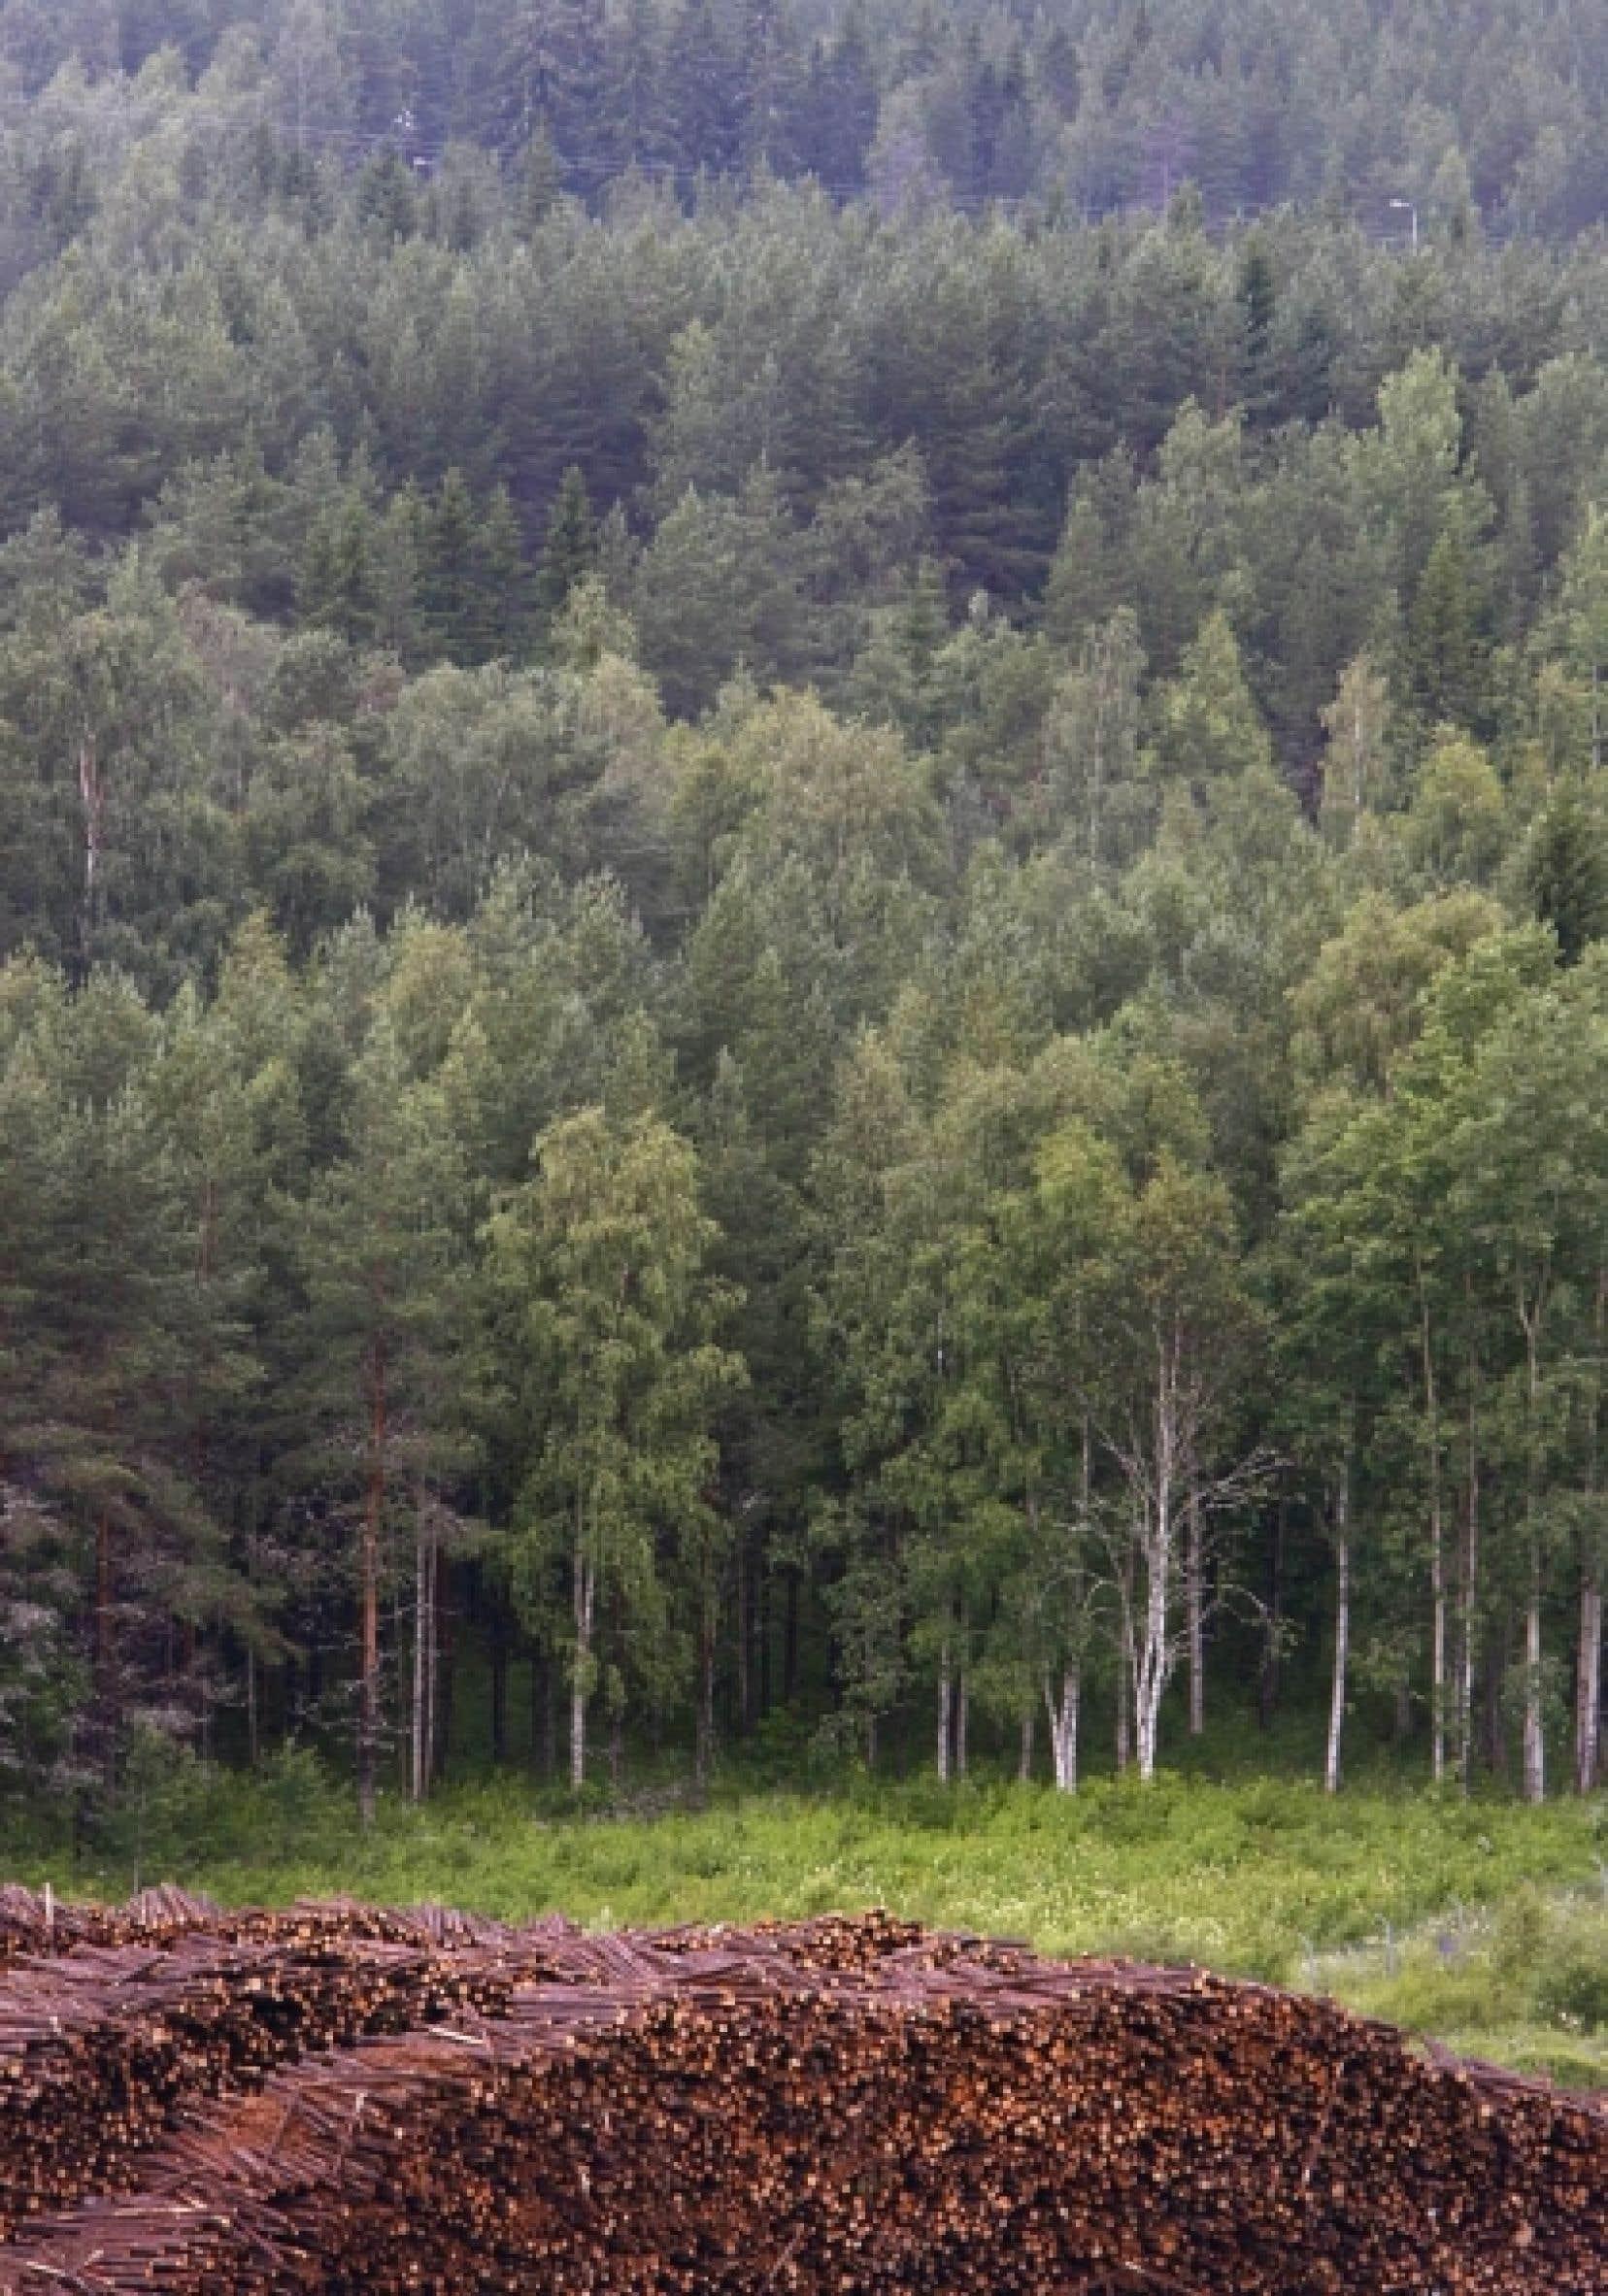 Au Qu&eacute;bec, on n&rsquo;int&egrave;gre pas encore aux plans de coupe foresti&egrave;re les calculs qui optimiseraient la r&eacute;tention d&rsquo;eau afin de pr&eacute;venir les p&eacute;nuries estivales.<br />